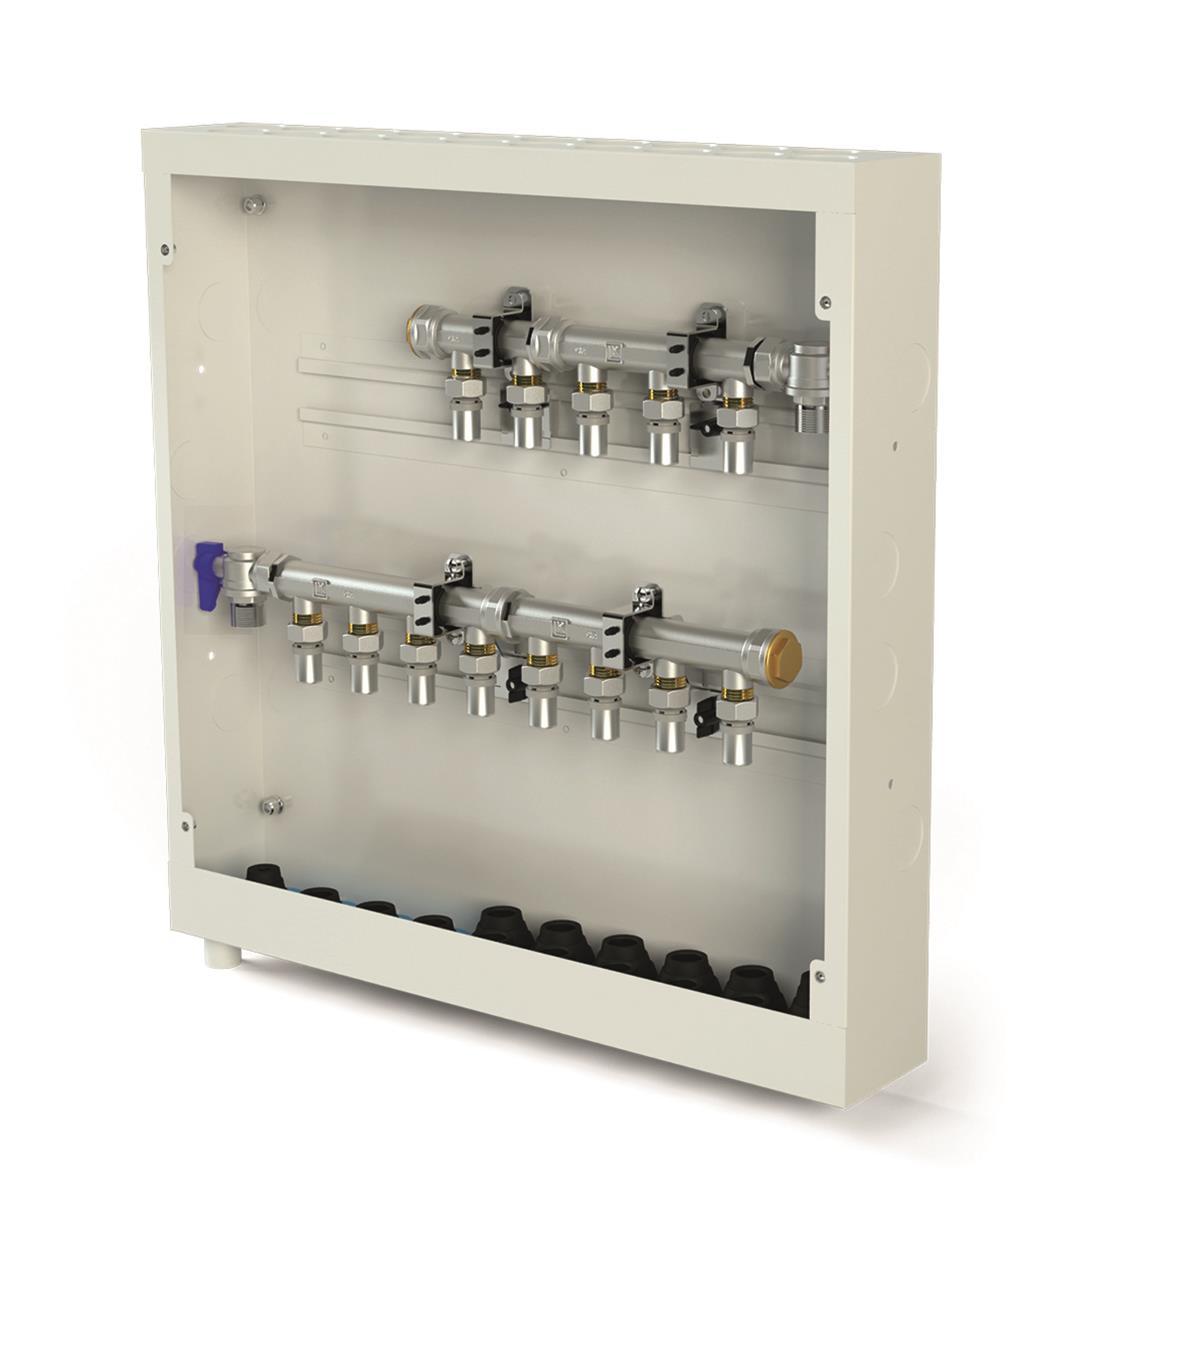 LK Systems 1881530 Prefabskåp  550 x 550 x 95 mm, UNI 8/5